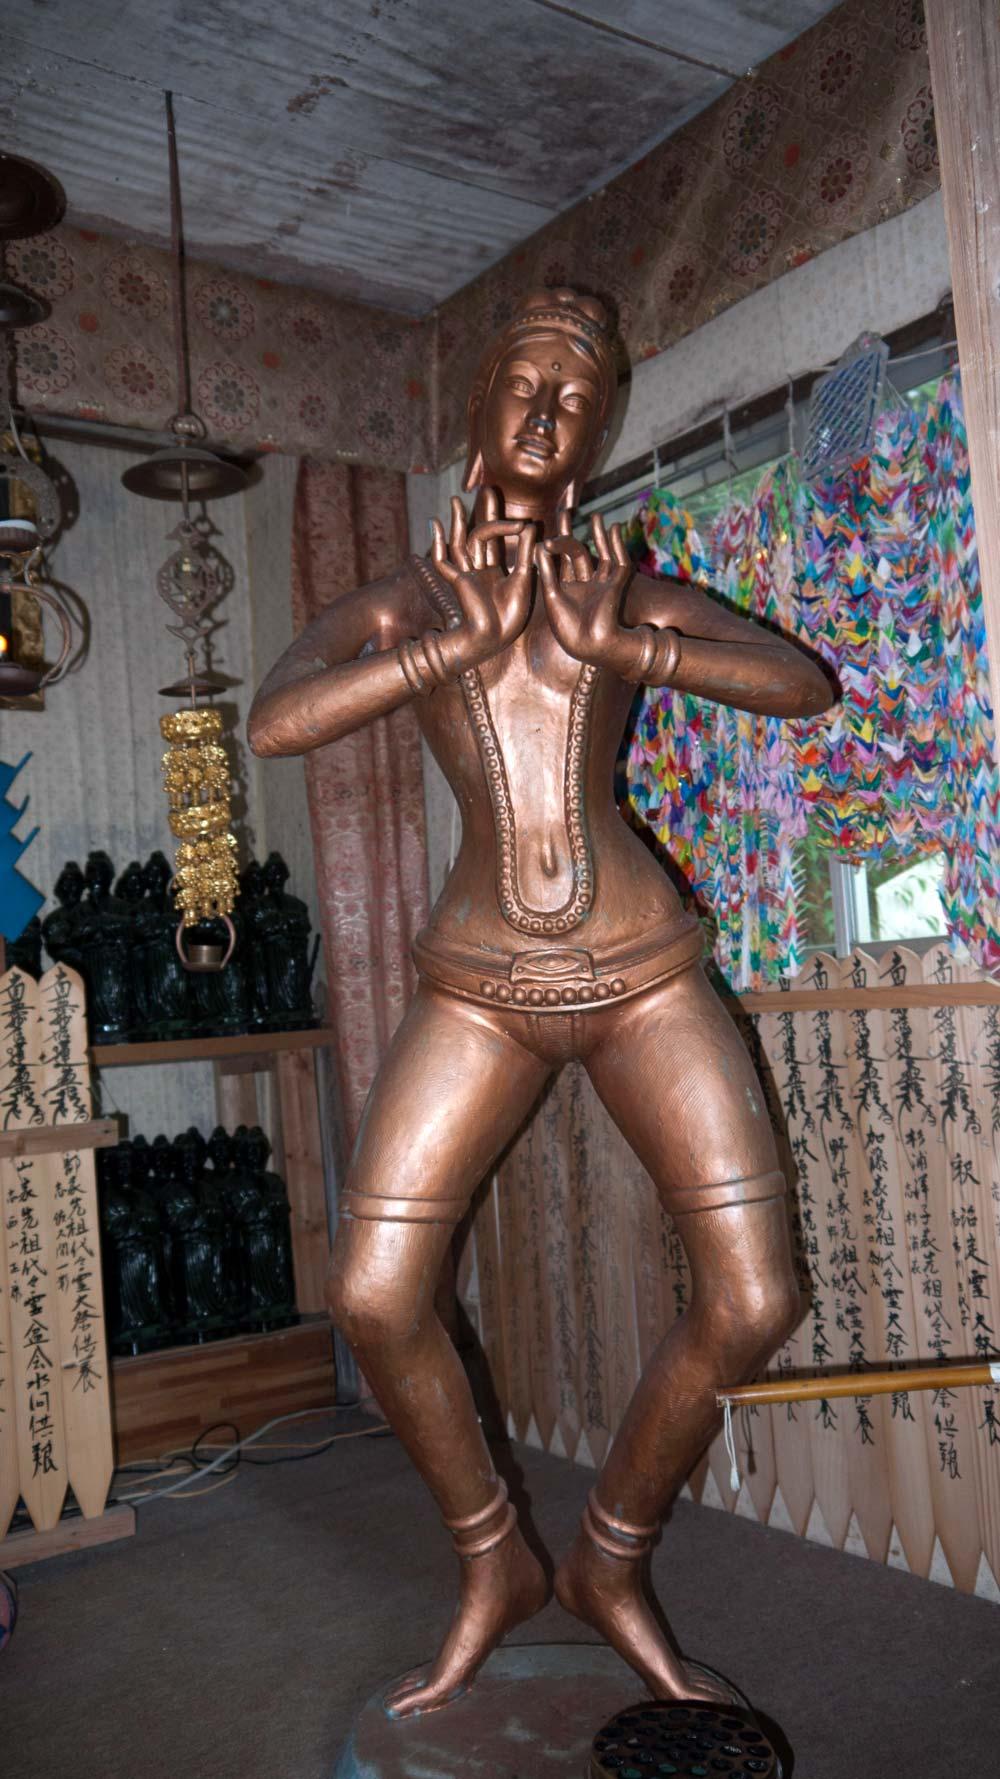 kannon statue in a strange pose